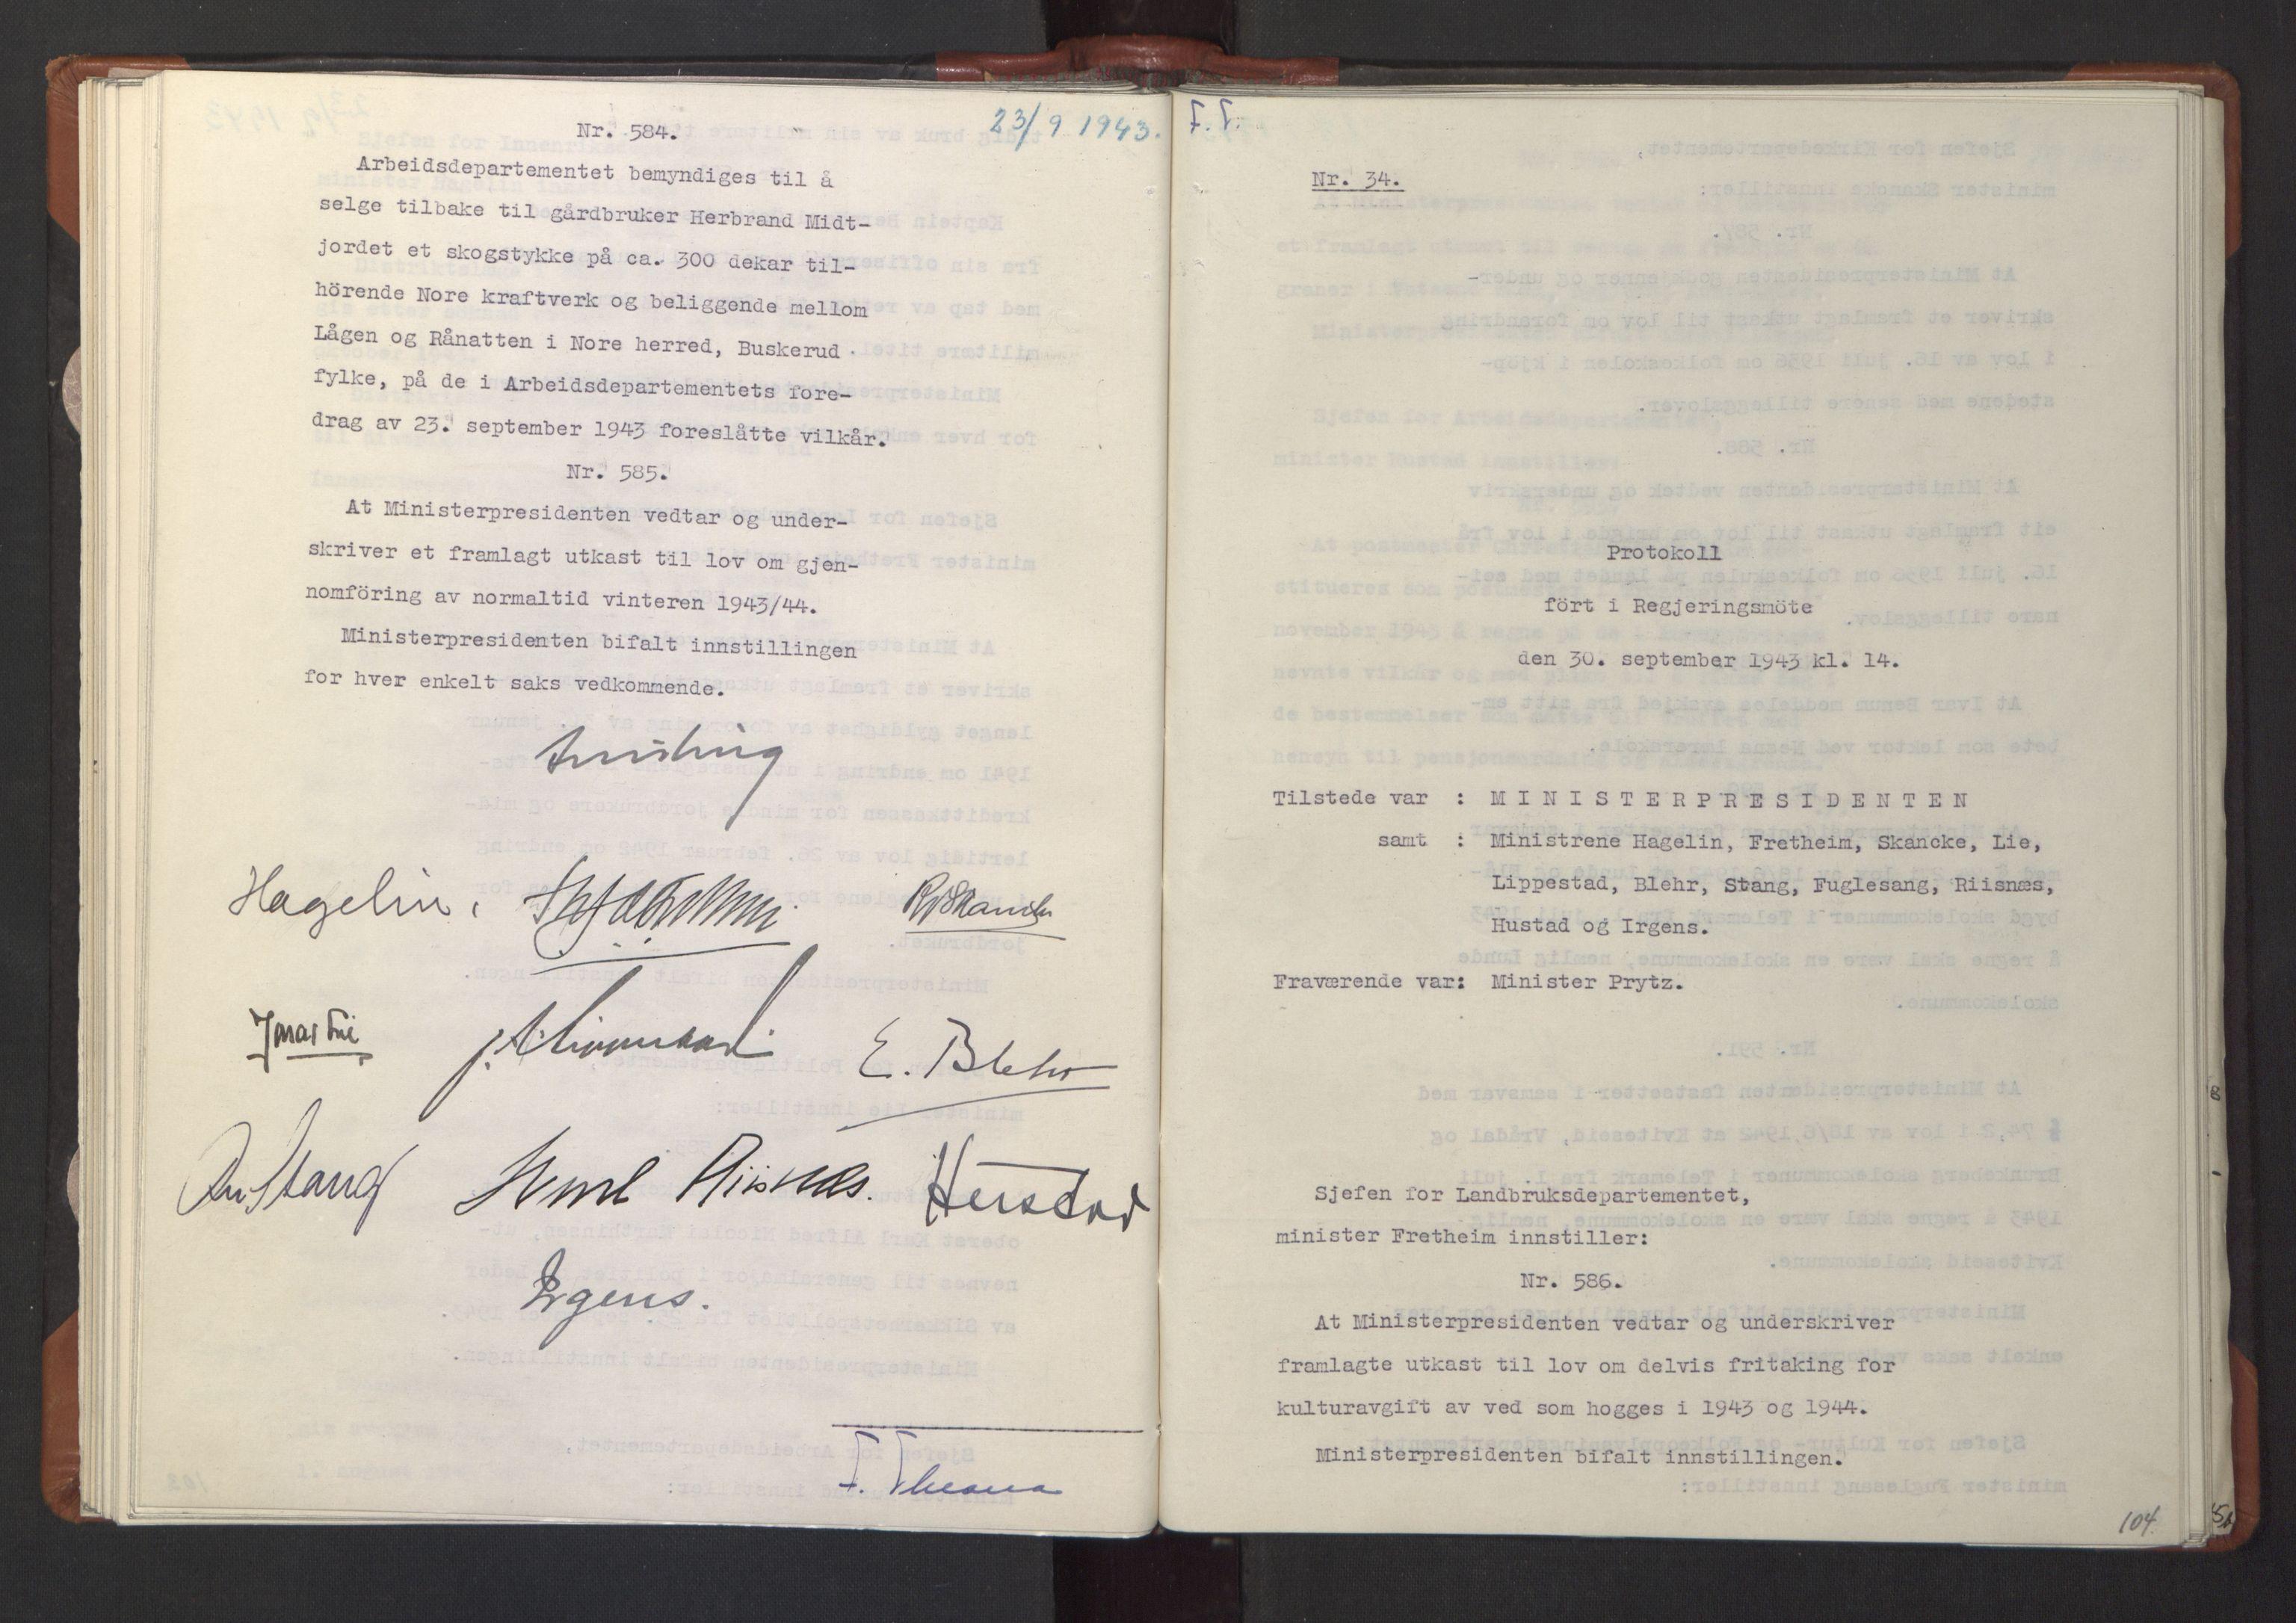 RA, NS-administrasjonen 1940-1945 (Statsrådsekretariatet, de kommisariske statsråder mm), D/Da/L0003: Vedtak (Beslutninger) nr. 1-746 og tillegg nr. 1-47 (RA. j.nr. 1394/1944, tilgangsnr. 8/1944, 1943, s. 103b-104a